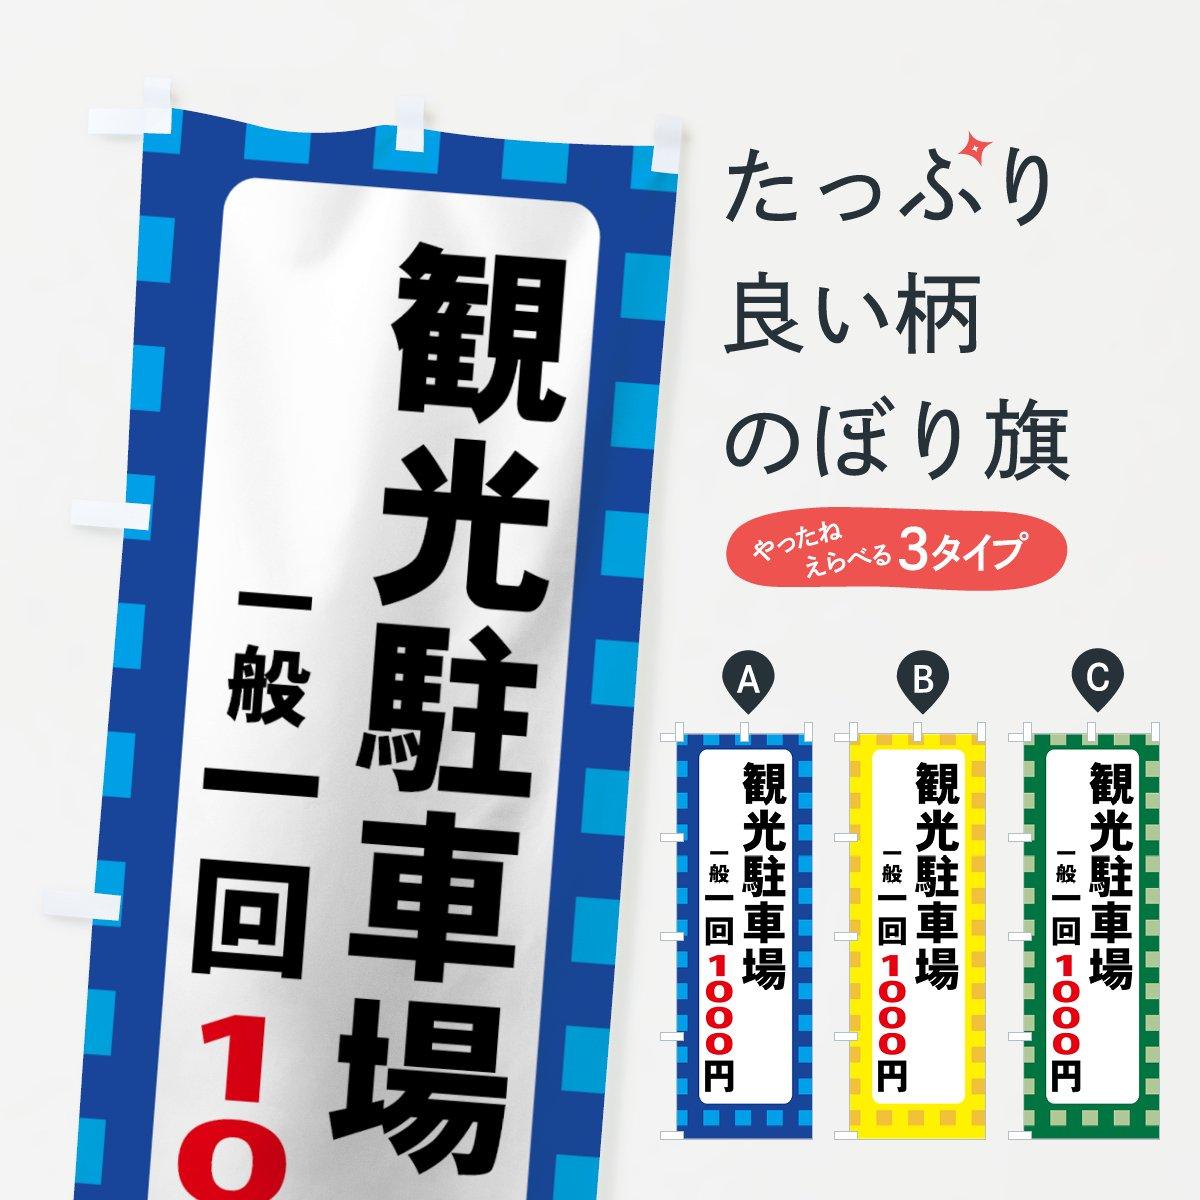 【値替無料】のぼり旗 観光駐車場 一般 一回1000円